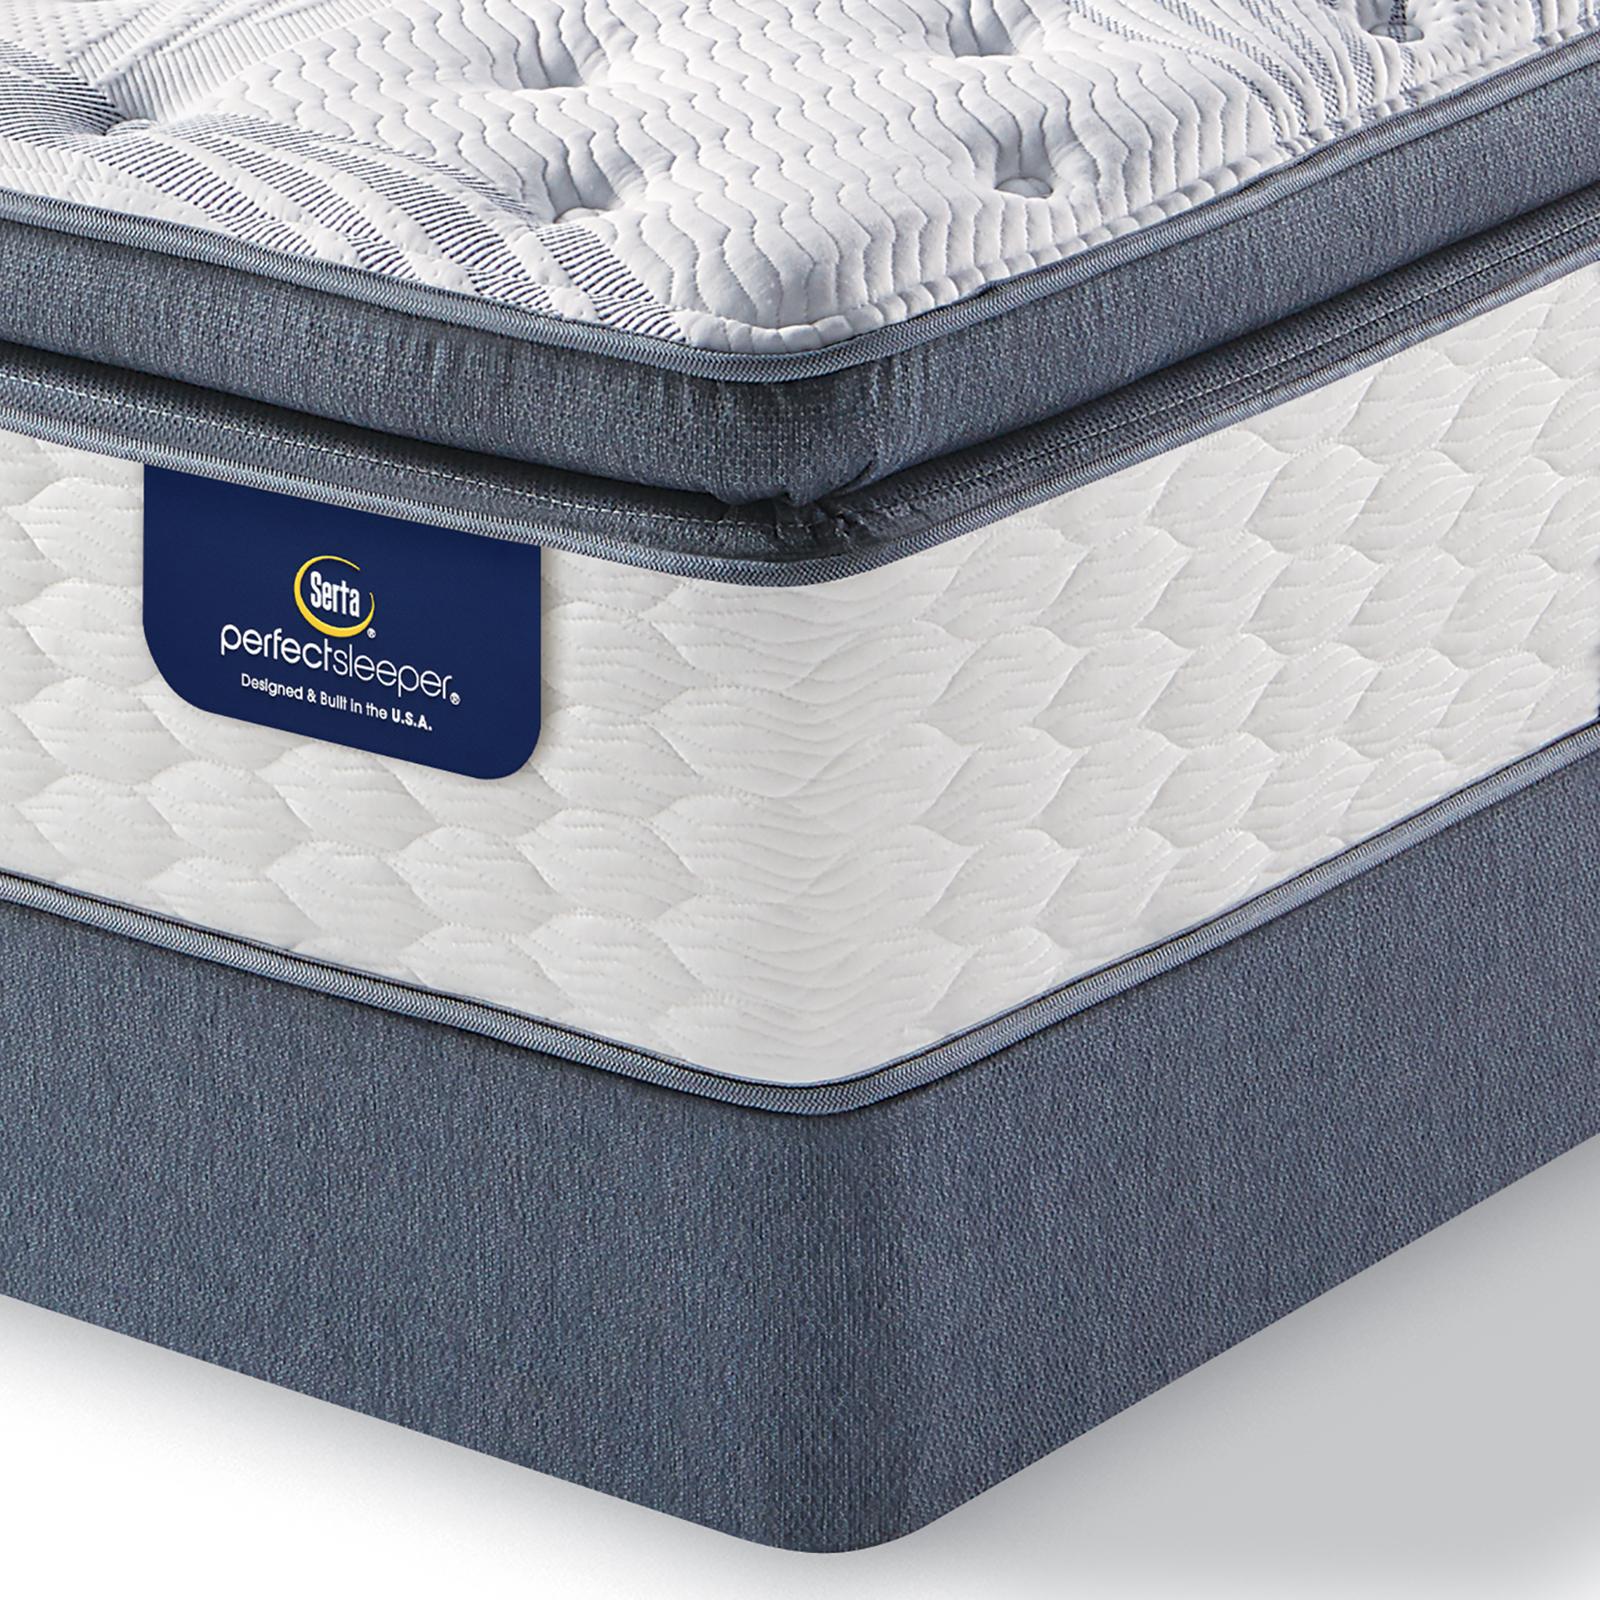 serta perfect sleeper walworth firm super pillowtop